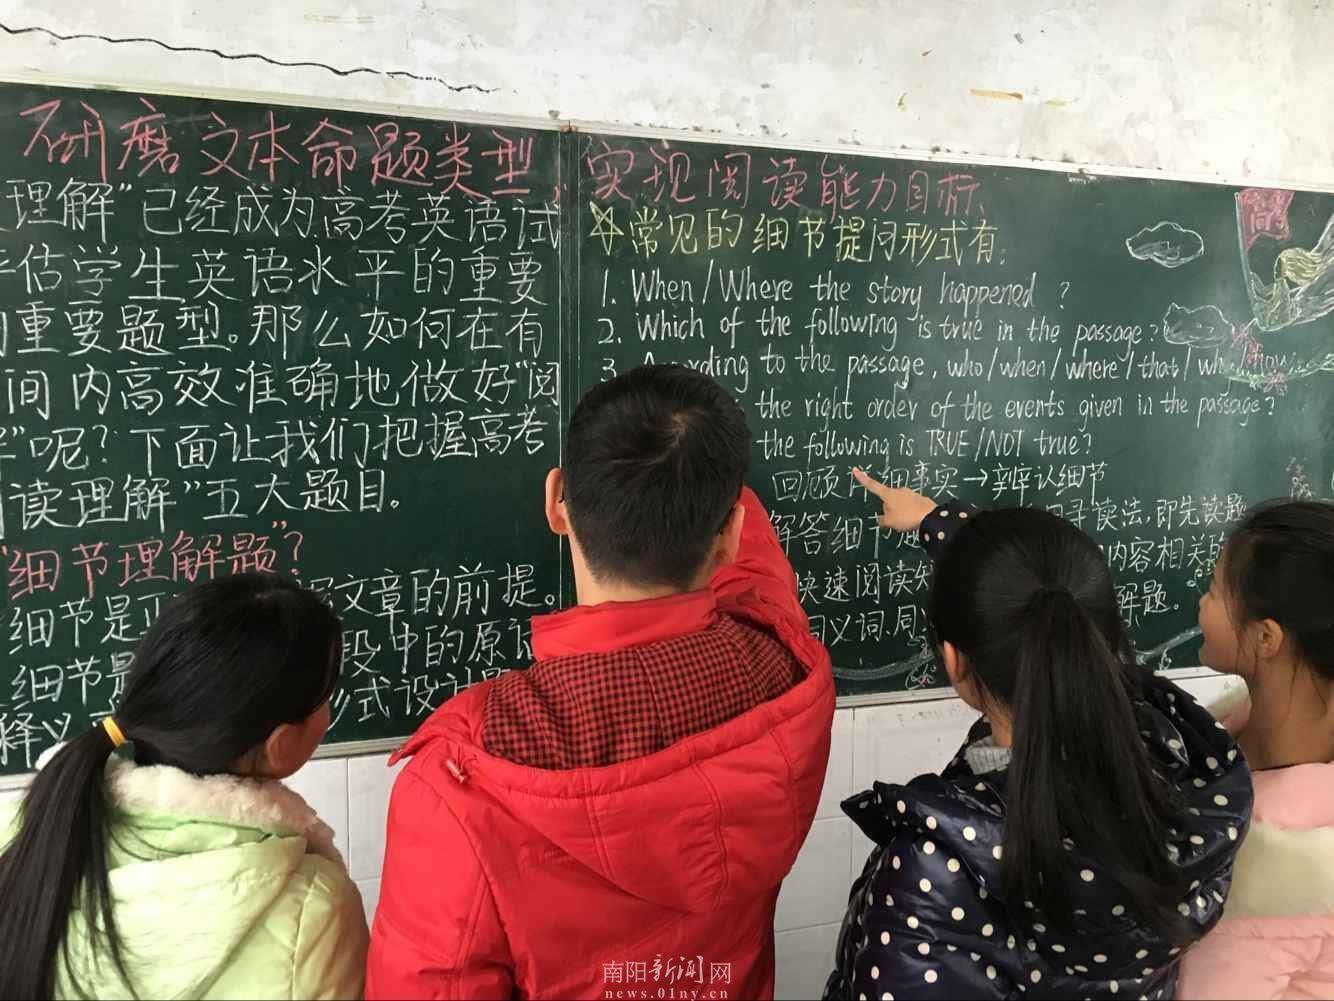 学生在阅读黑板报学习园地图片